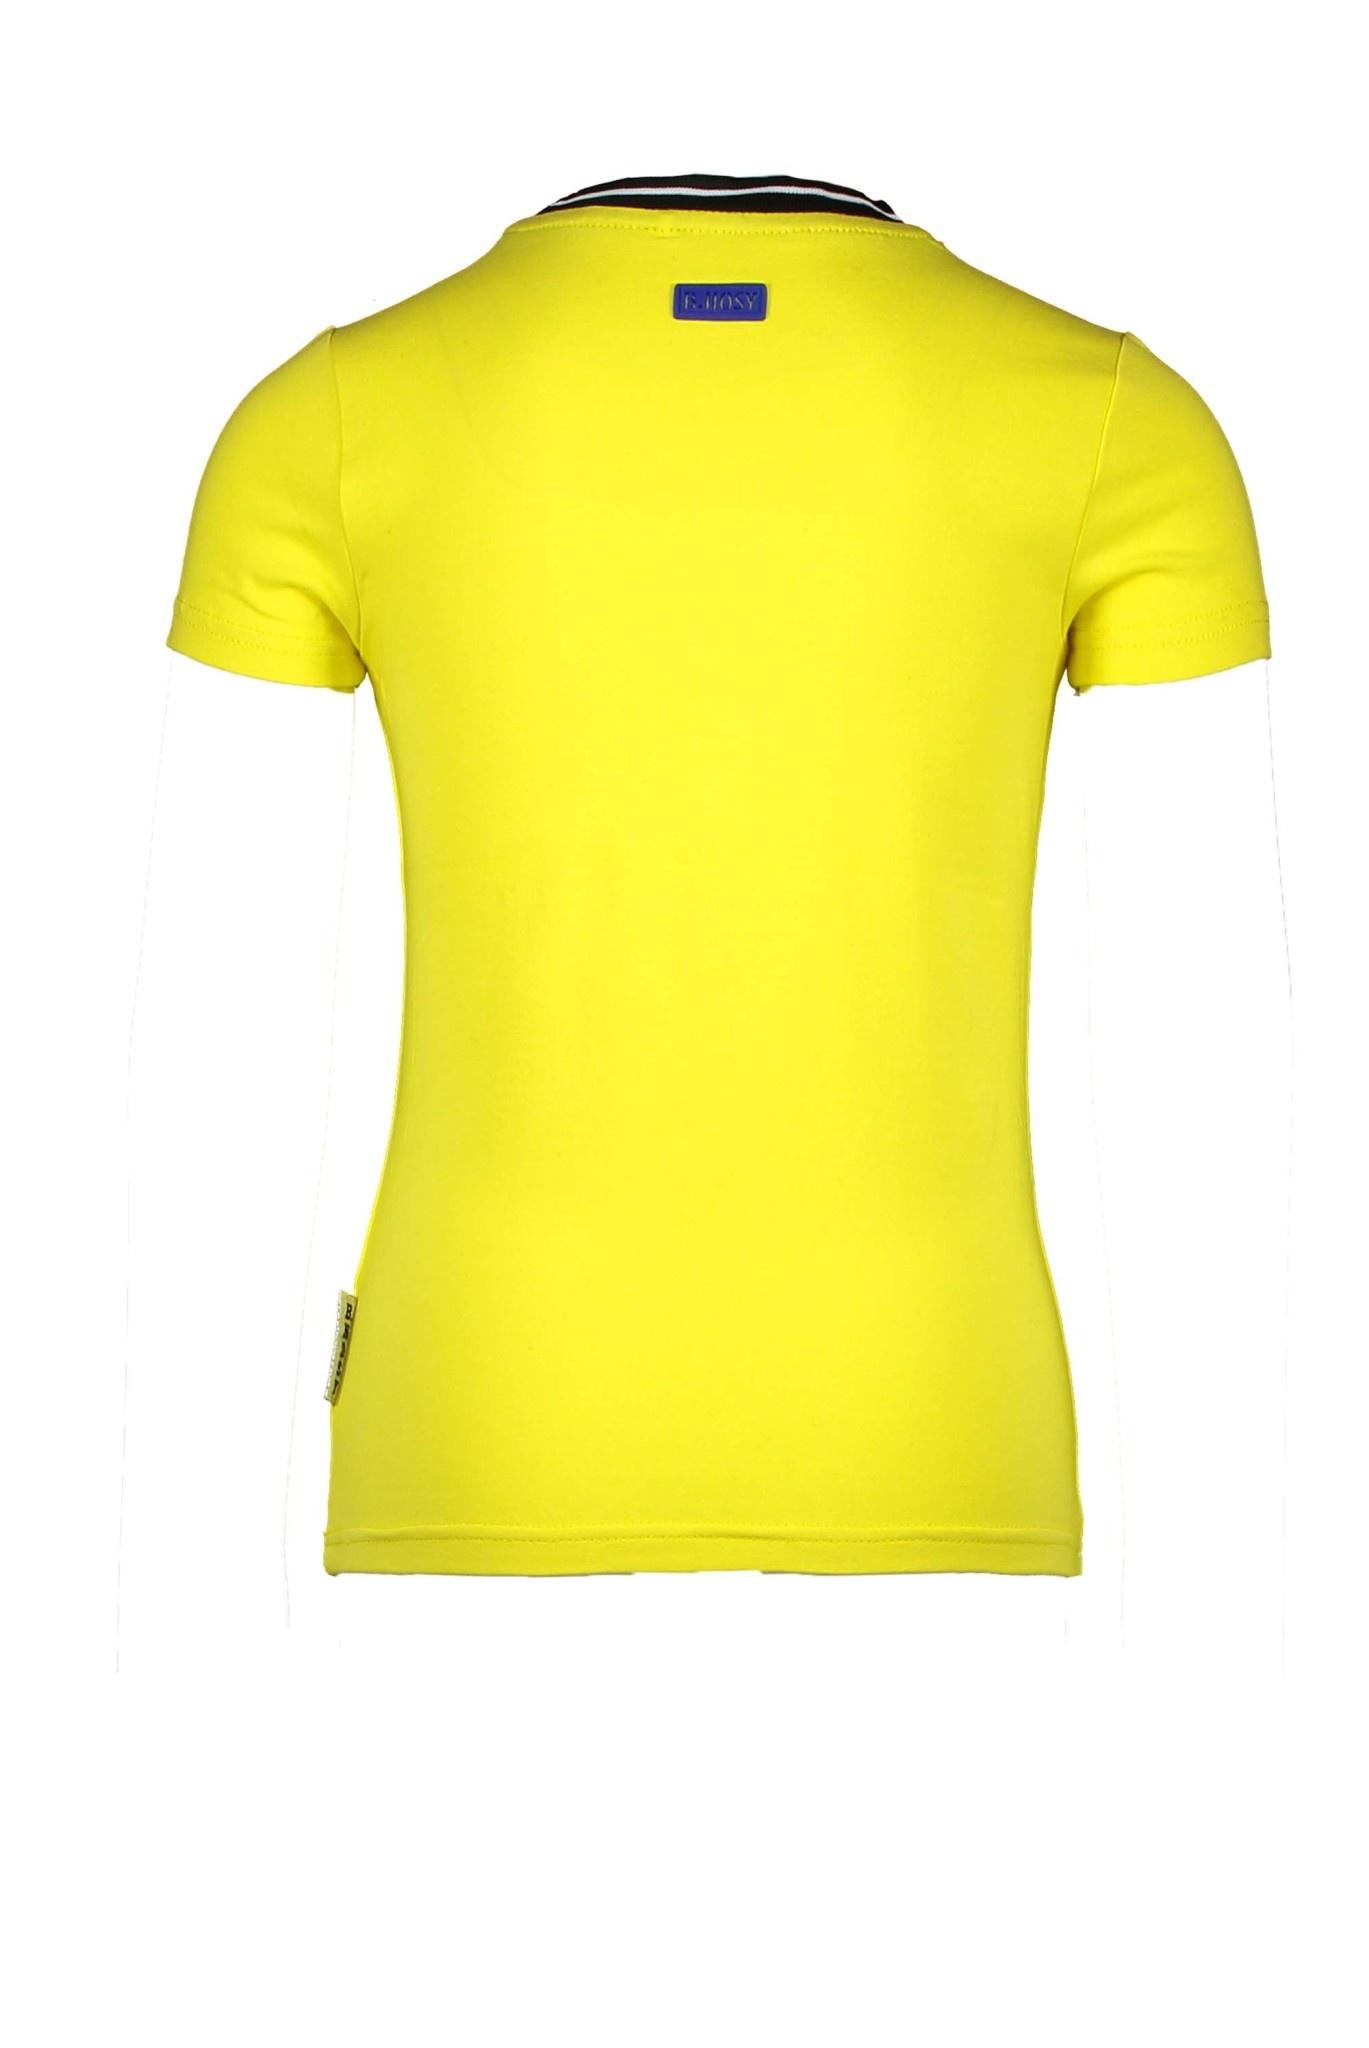 B.Nosy Meisjes Shirt Zebra Y002-5416-2